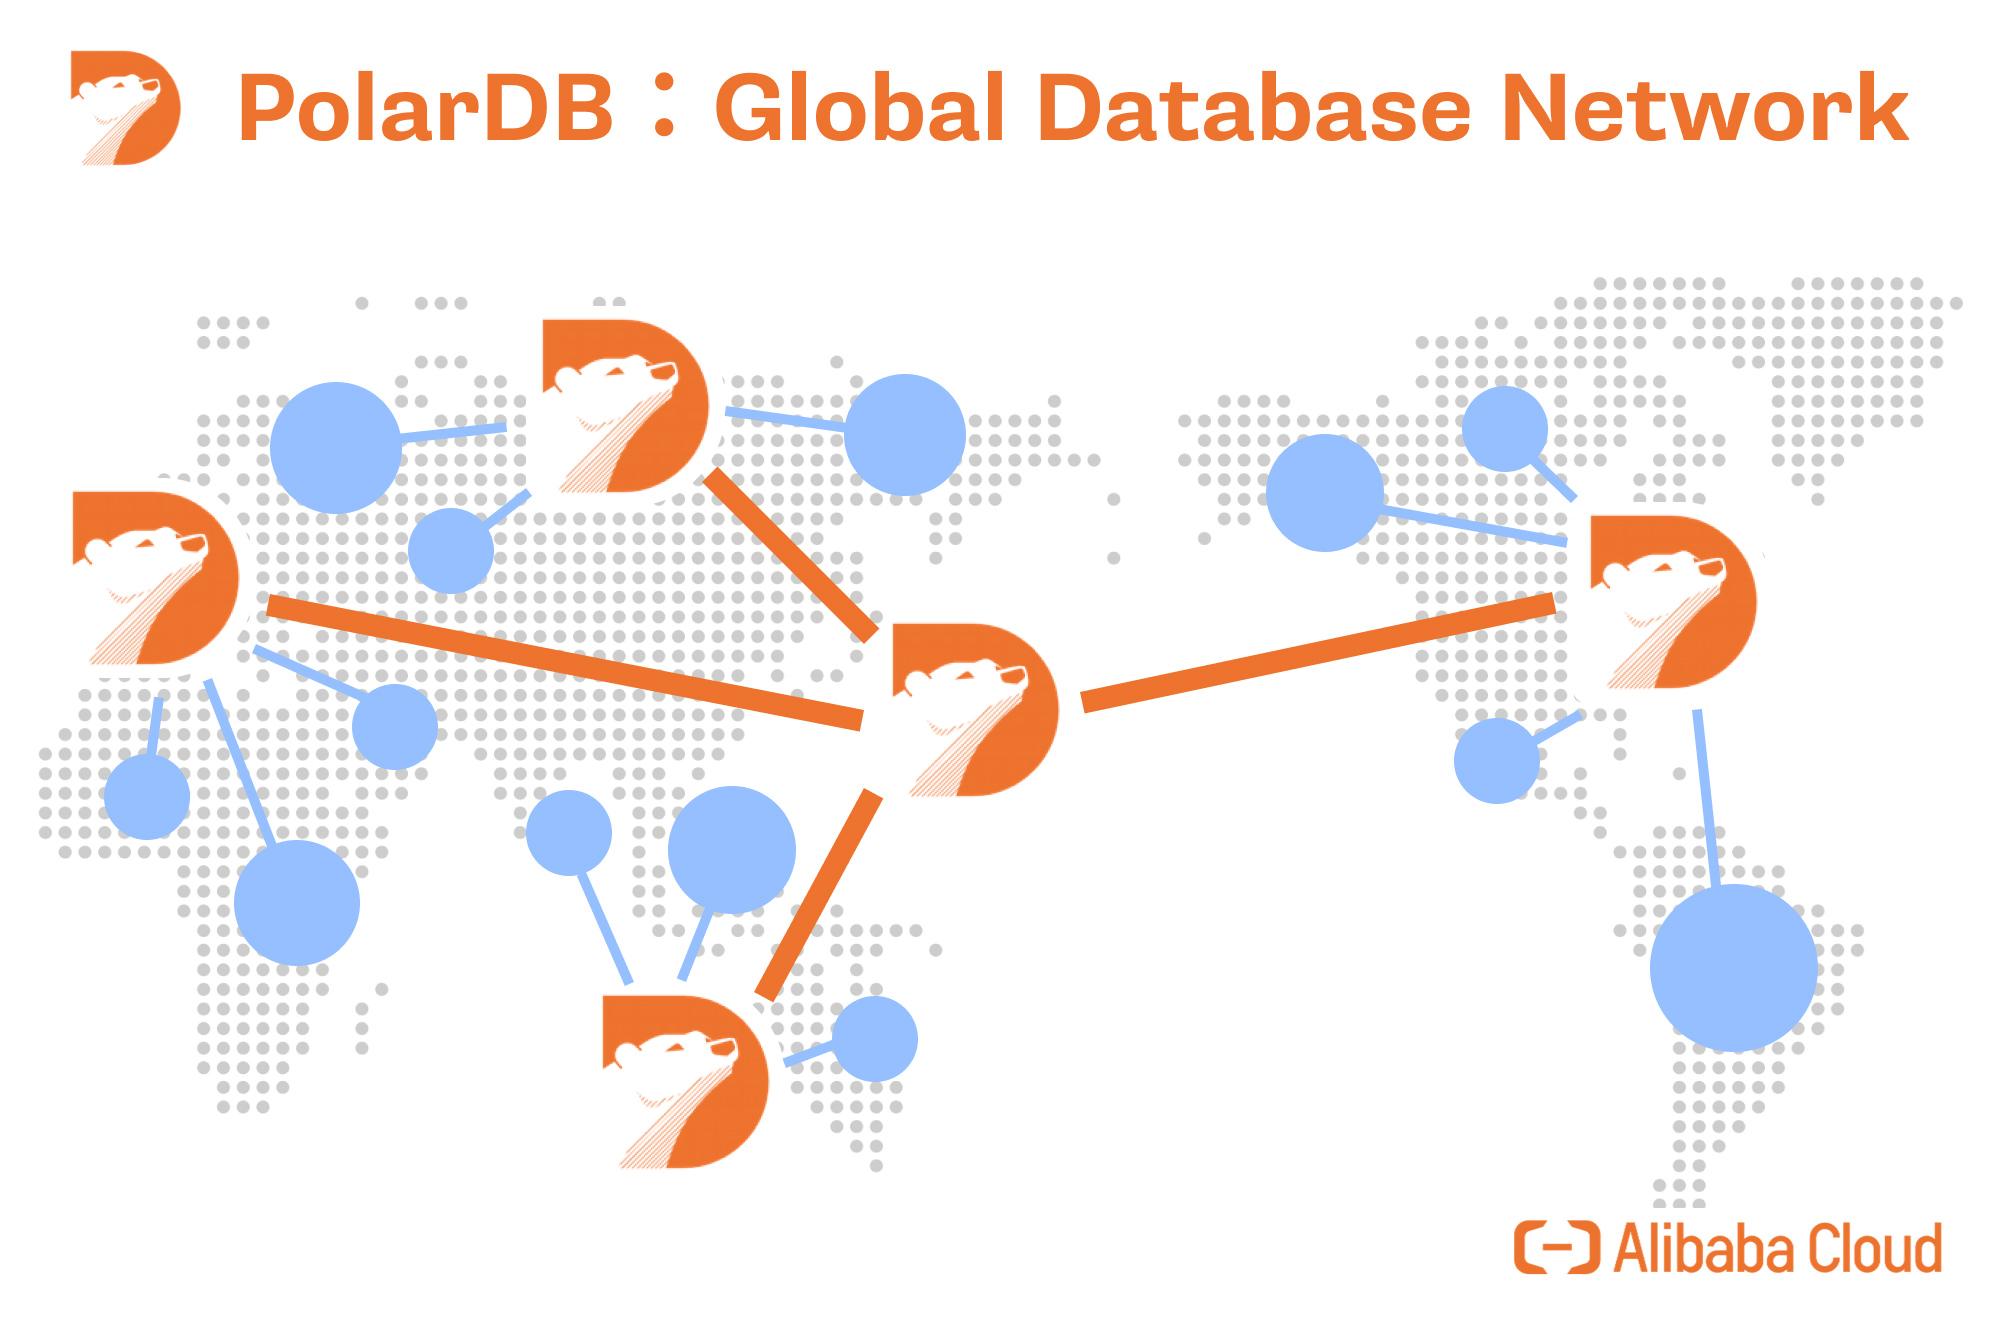 アリババクラウド、PolarDBの拡張機能「グローバル・データベース・ネットワーク」を日本市場で展開